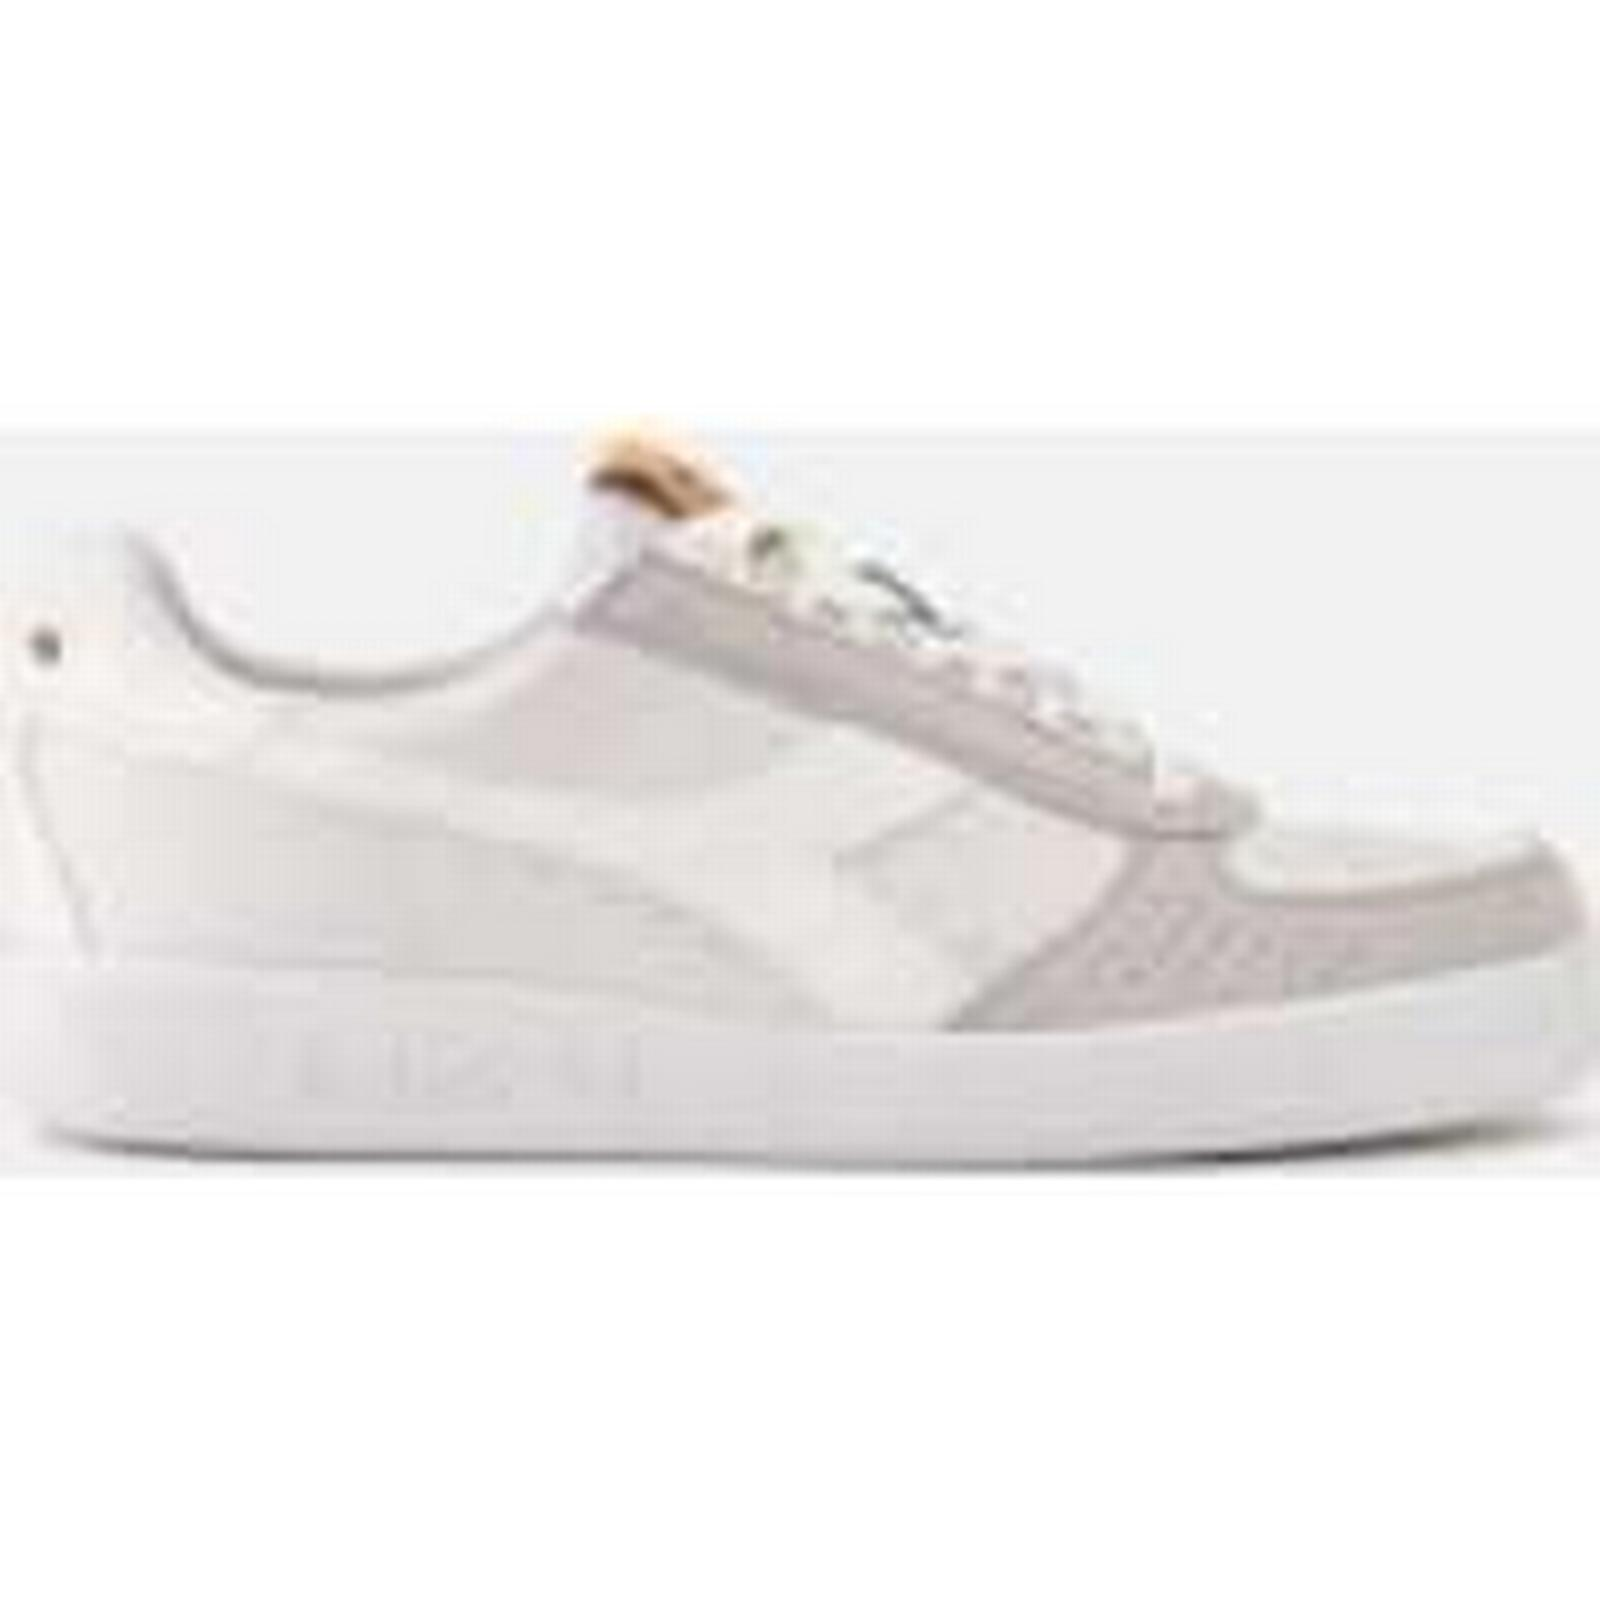 Diadora - Men's B.Elite Pack Trainers - White - Diadora UK 9 - White 63089e